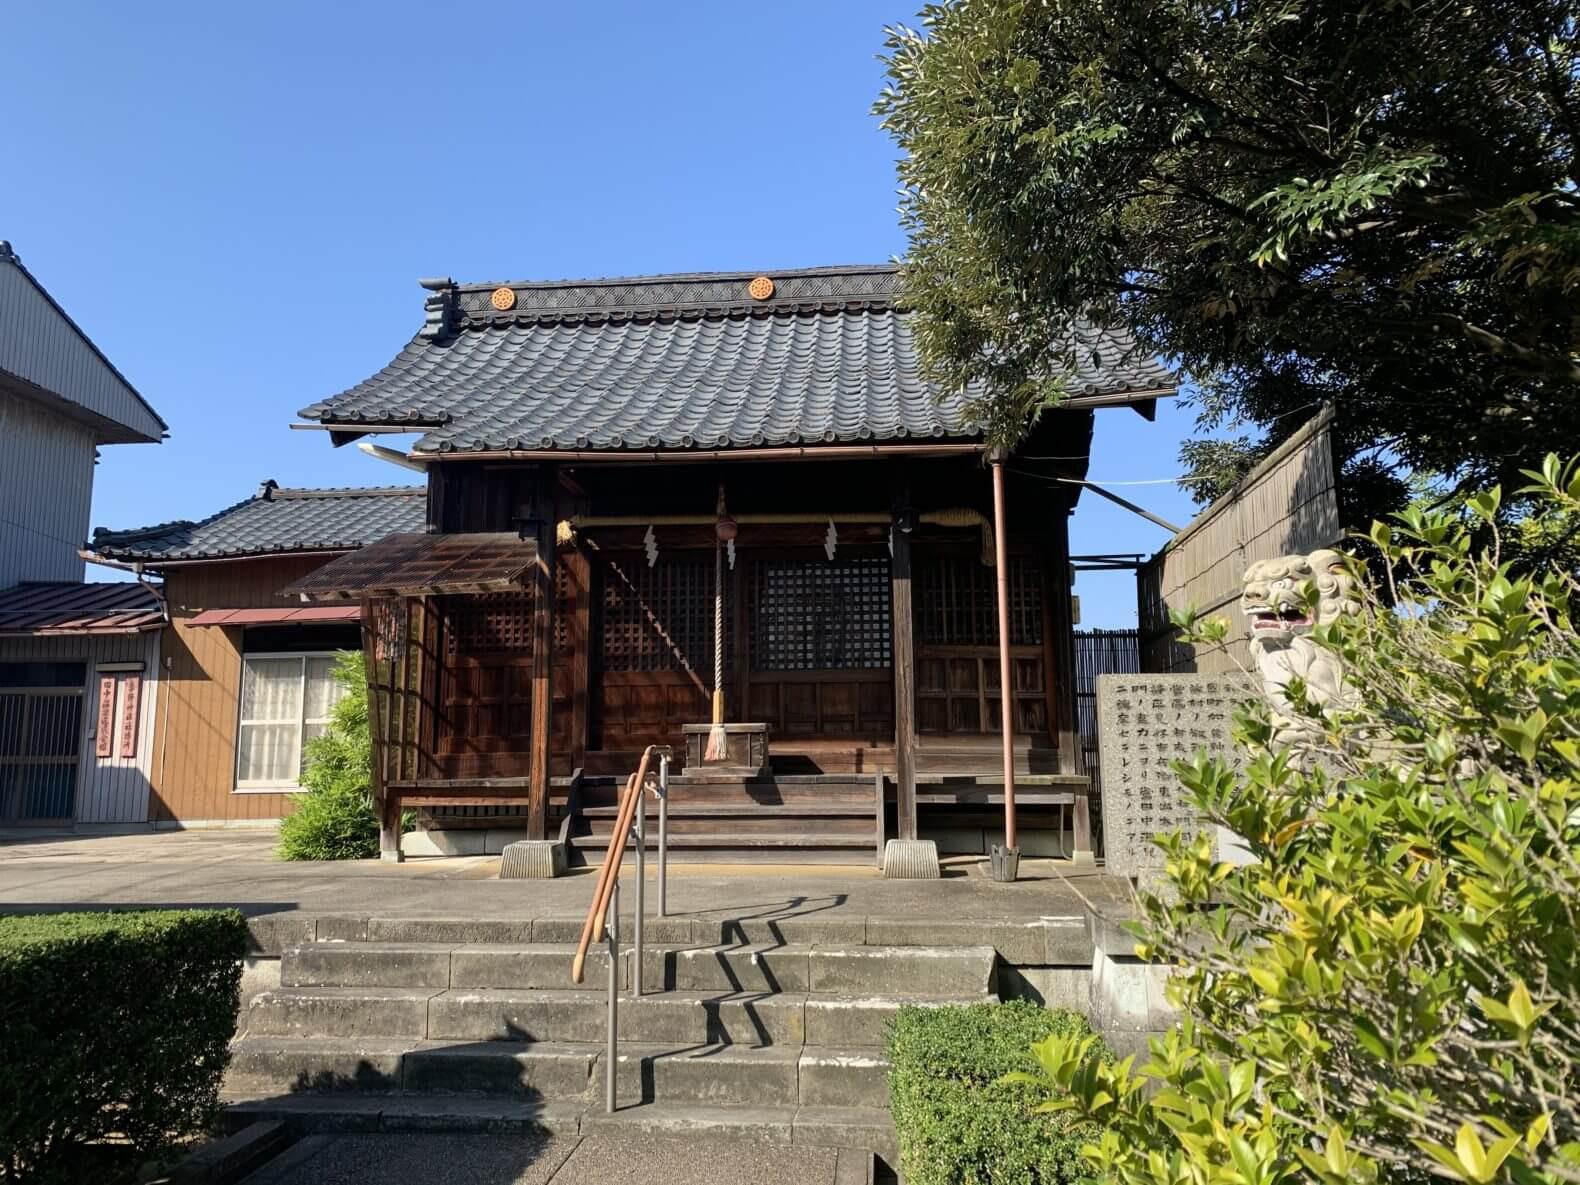 田中温泉薬師神社